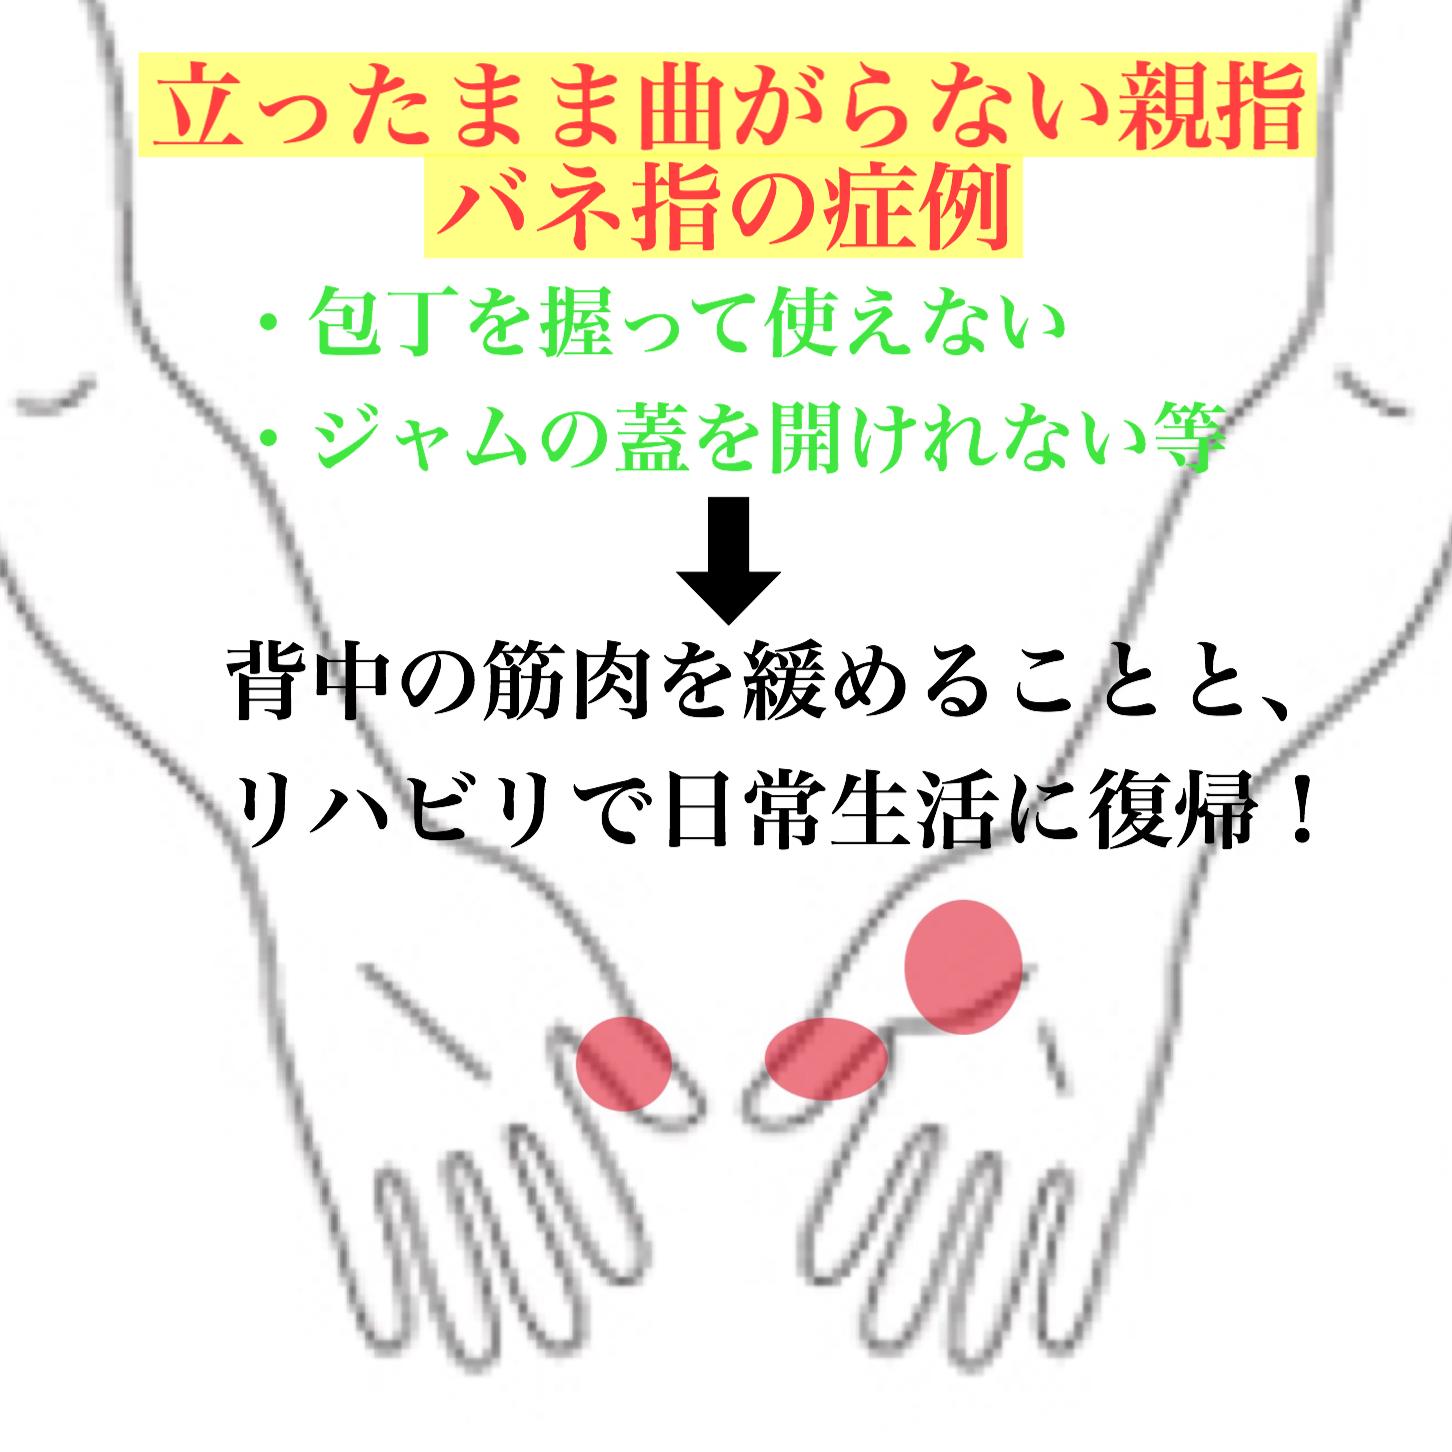 ばね 指 親指